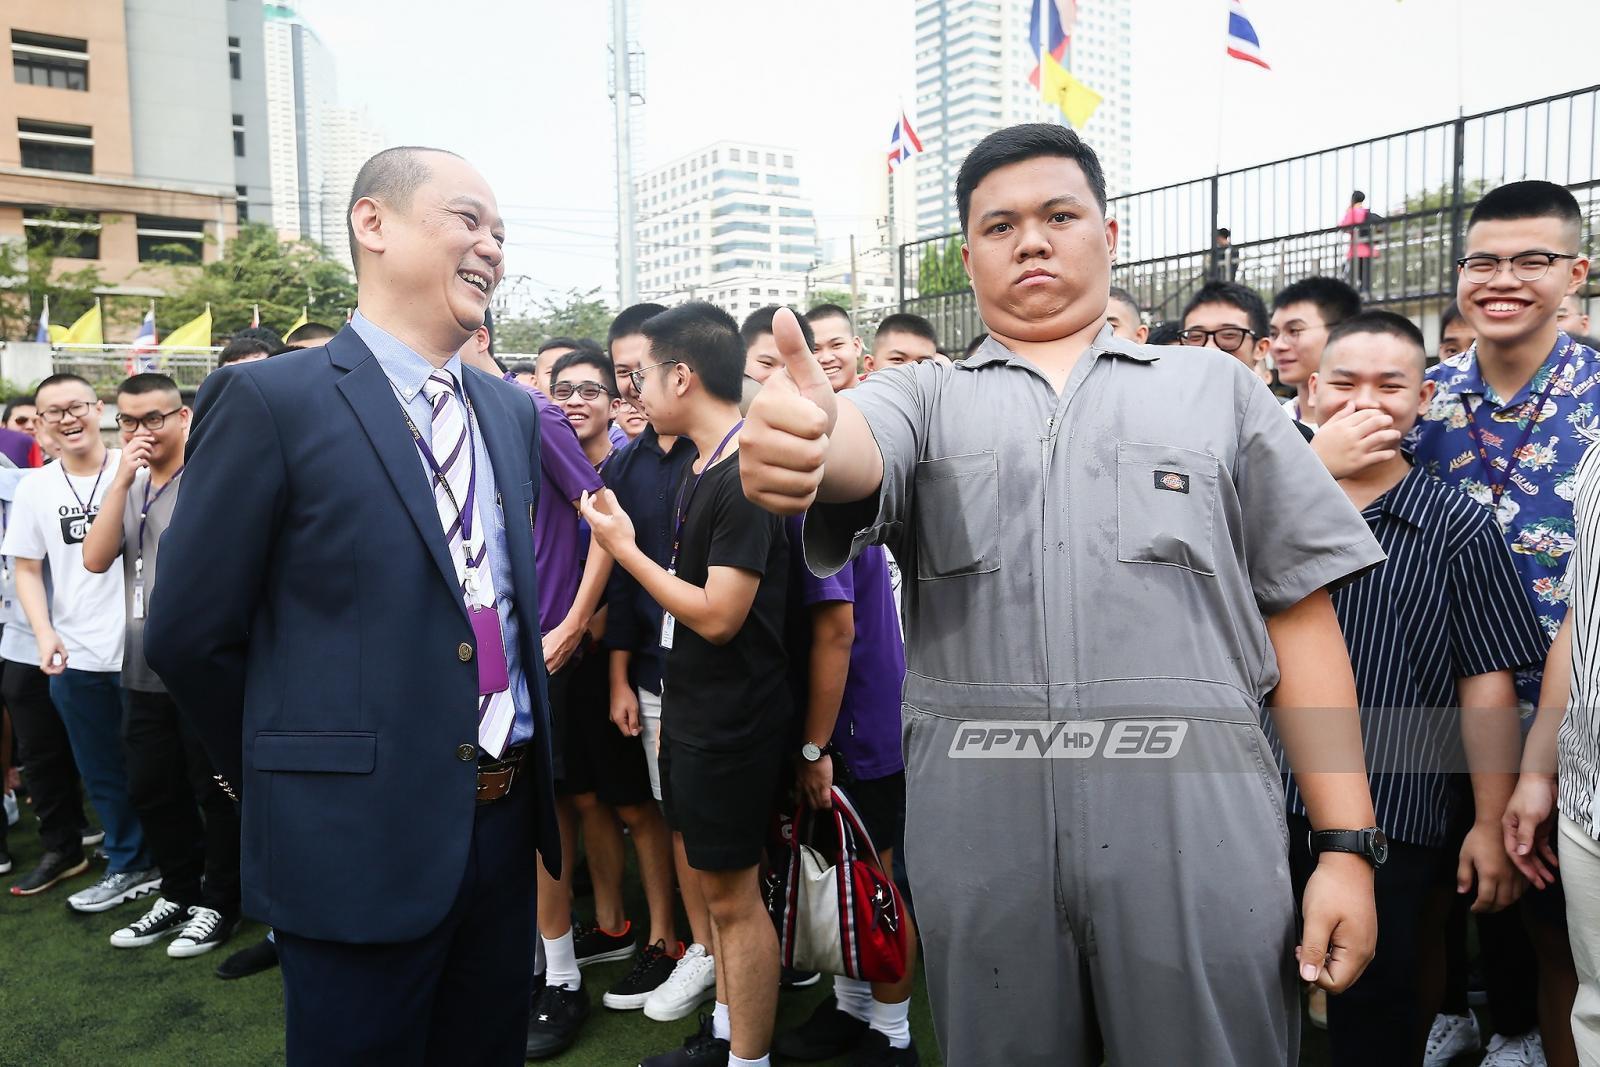 ผอ.กรุงเทพคริสเตียนฯ ชี้สังคมไทยยังไม่พร้อมรับความเห็นต่าง นร.ใส่ชุดไปรเวท